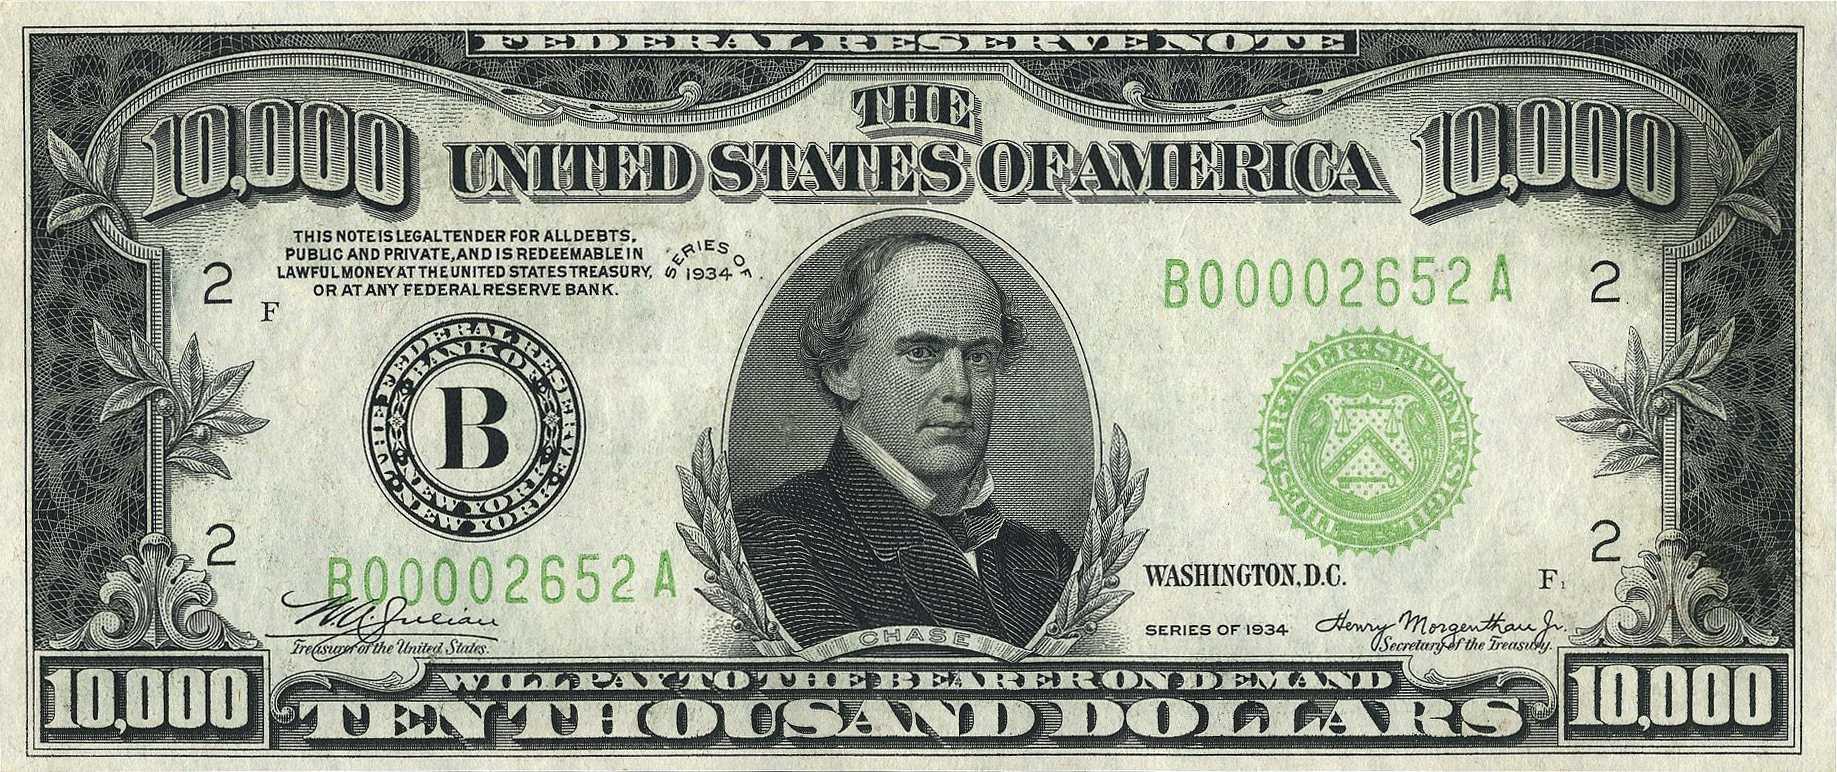 1000000000 Yhdysvaltain dollareita (USD) ruplaina (hieroa) tänään, kuinka paljon on miljardi dollaria